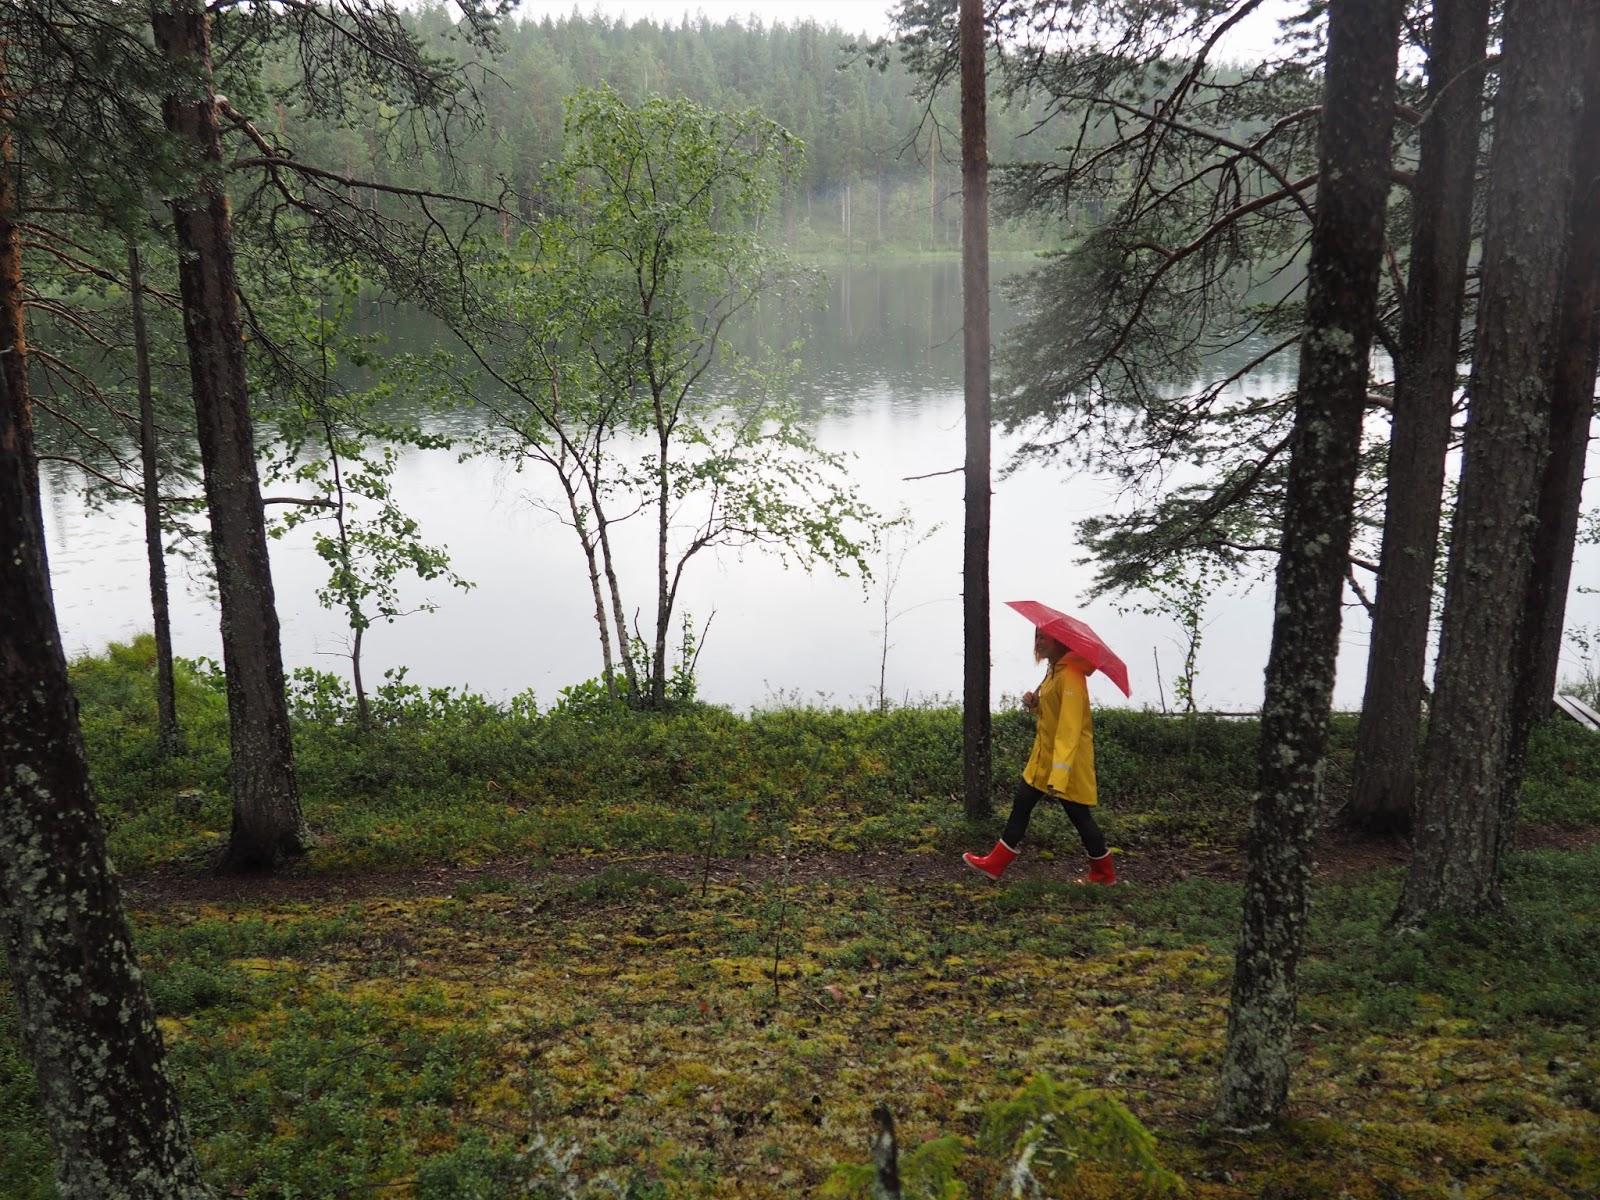 sade säällä metsässä seikkailulla, punainen sateenvarjo ja keltainen sadetakki, Fia Hollmén